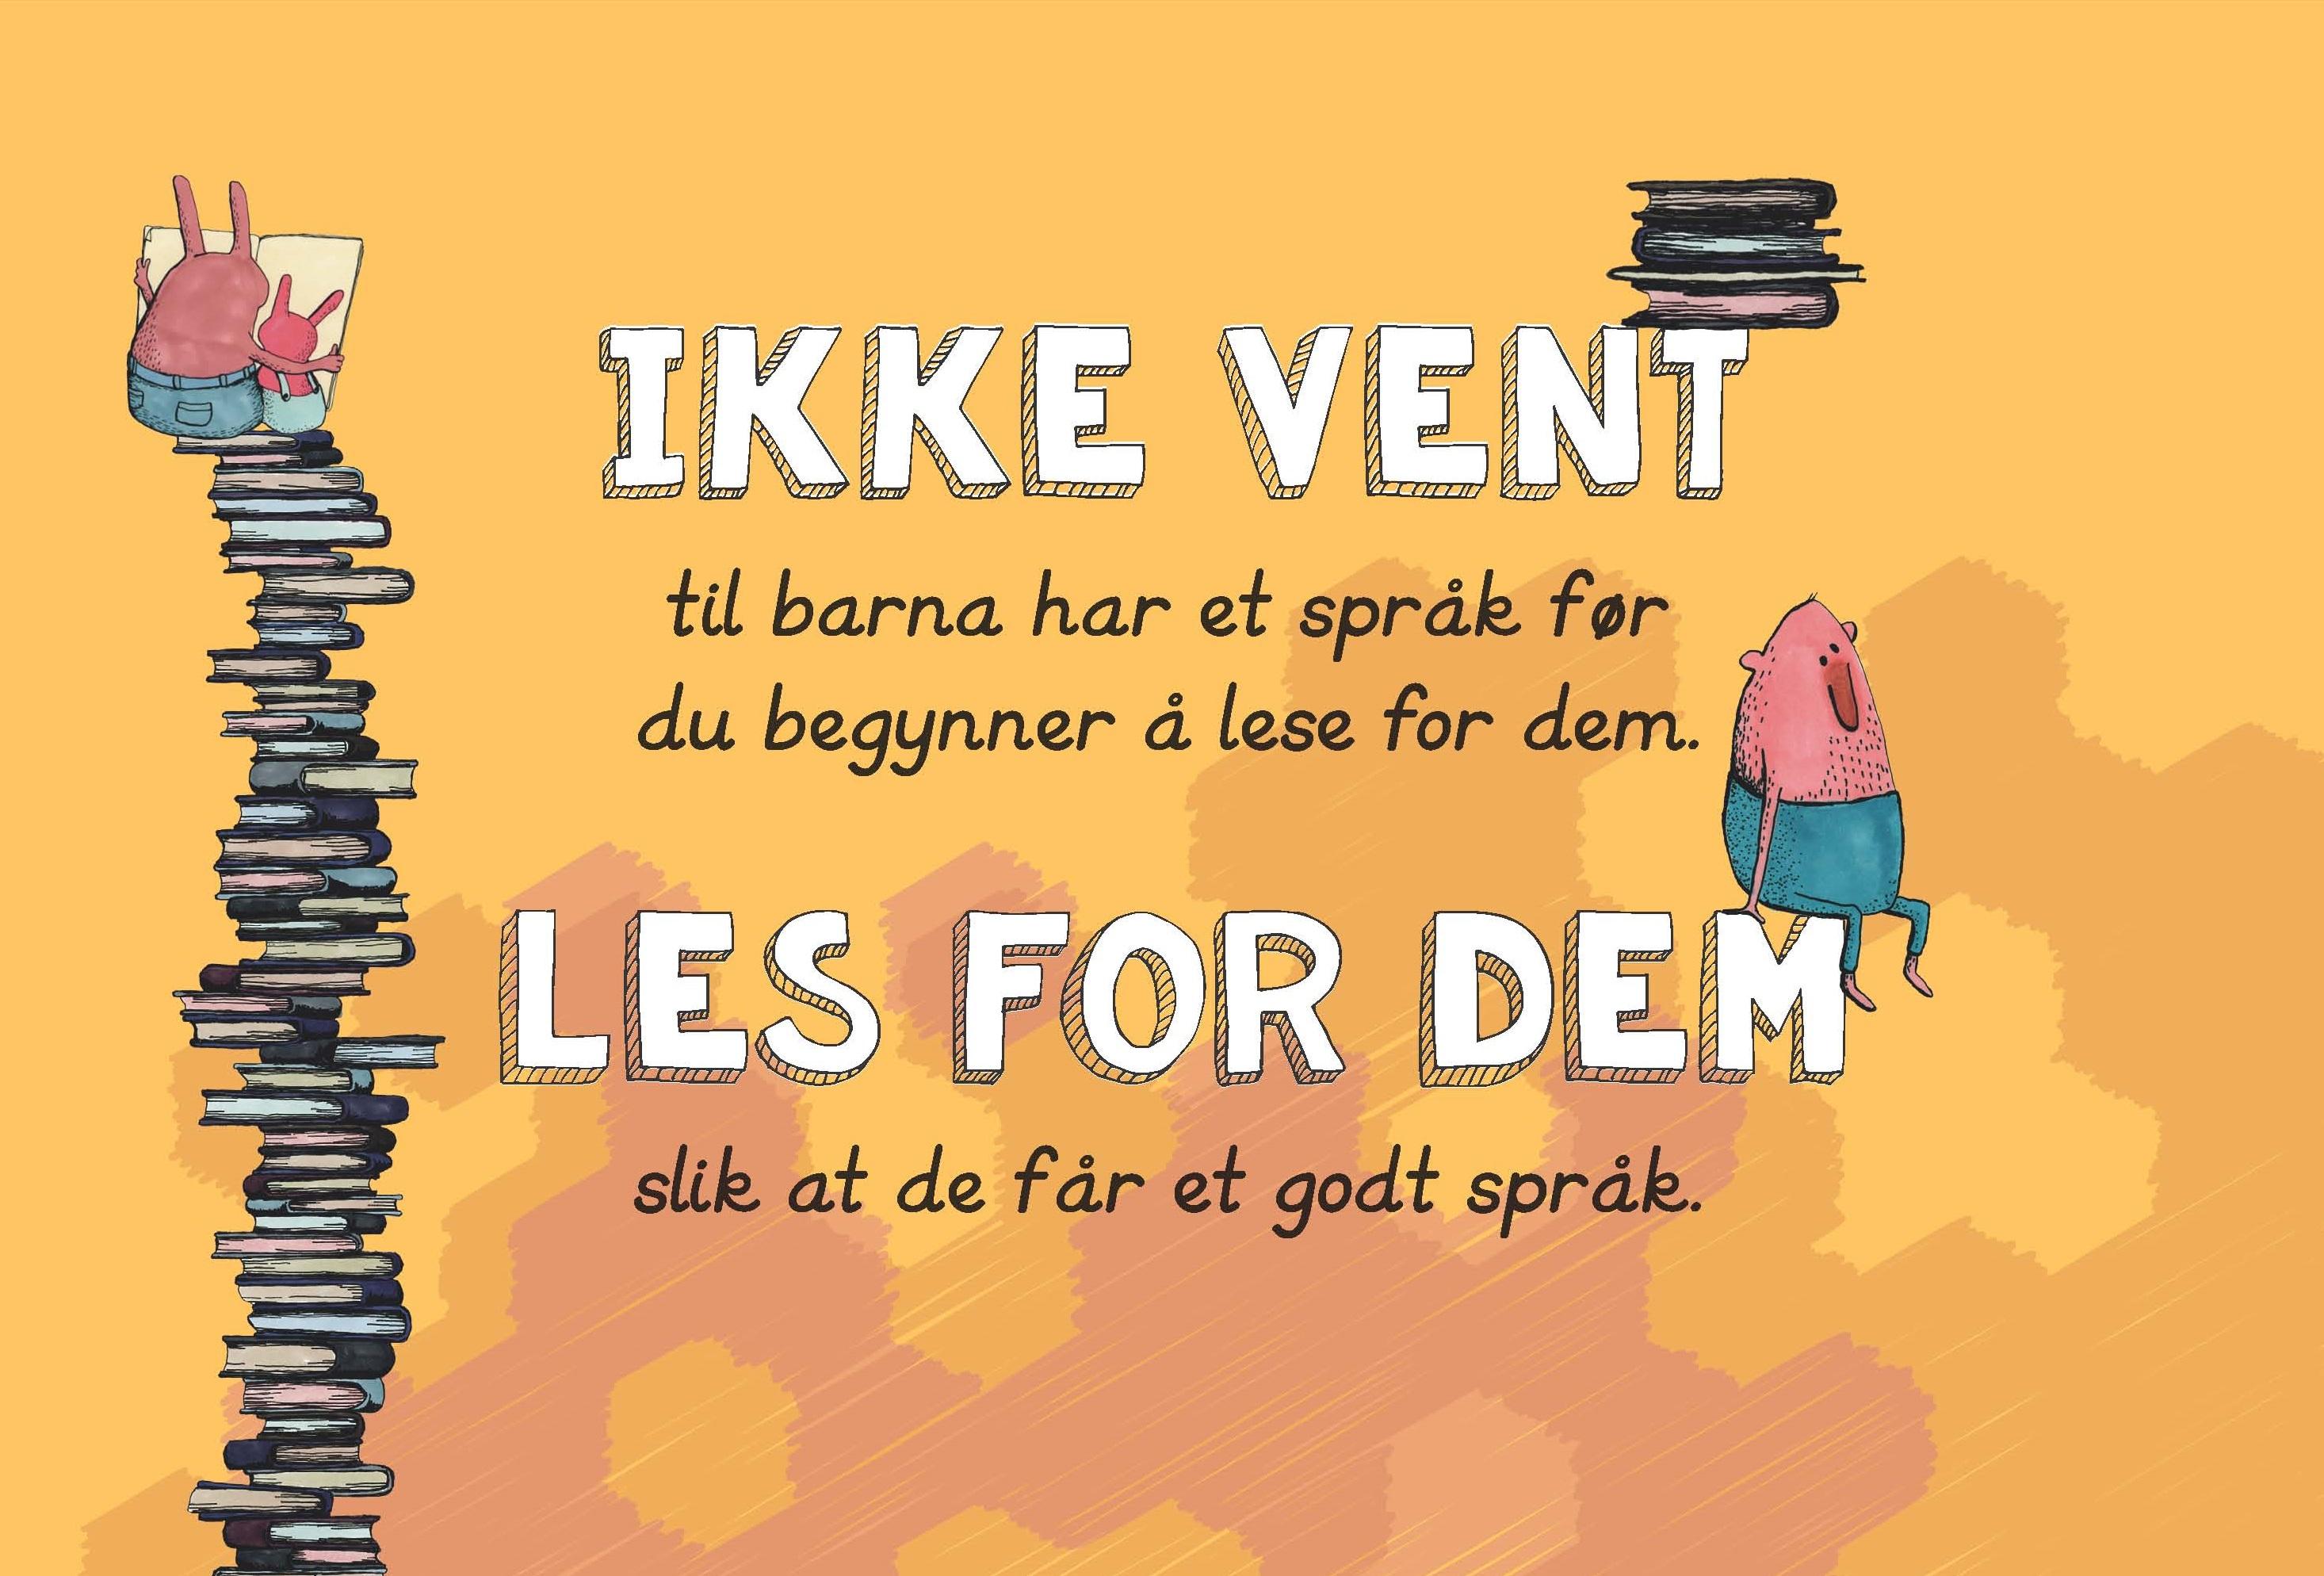 Ikke vent til barna har et språk før du begynner å lese for dem, Folder til barnehageansatte (bokmål, bilde av forsiden)